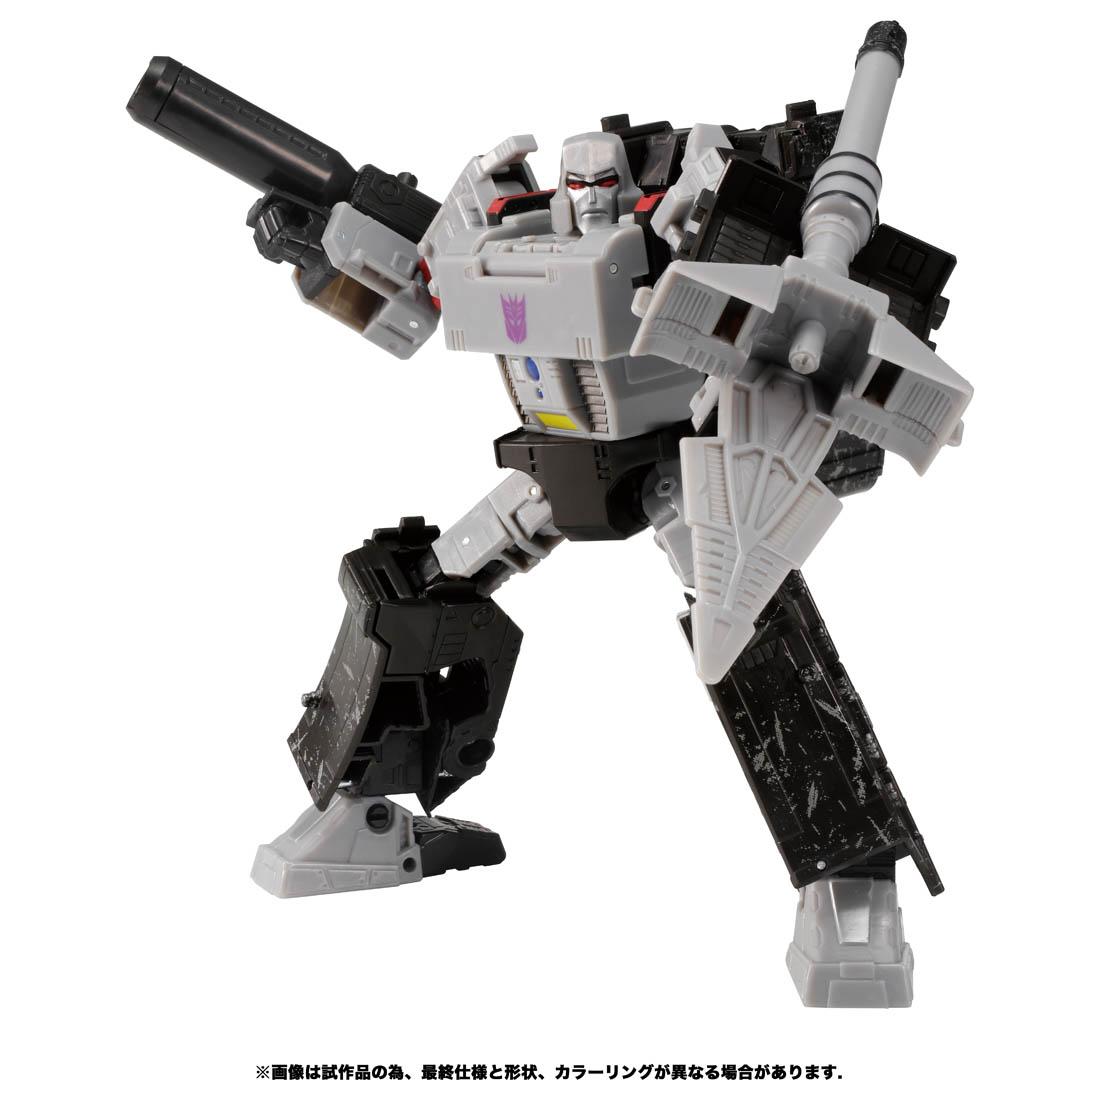 トランスフォーマー アースライズ『ER-13 メガトロン』可変可動フィギュア-001